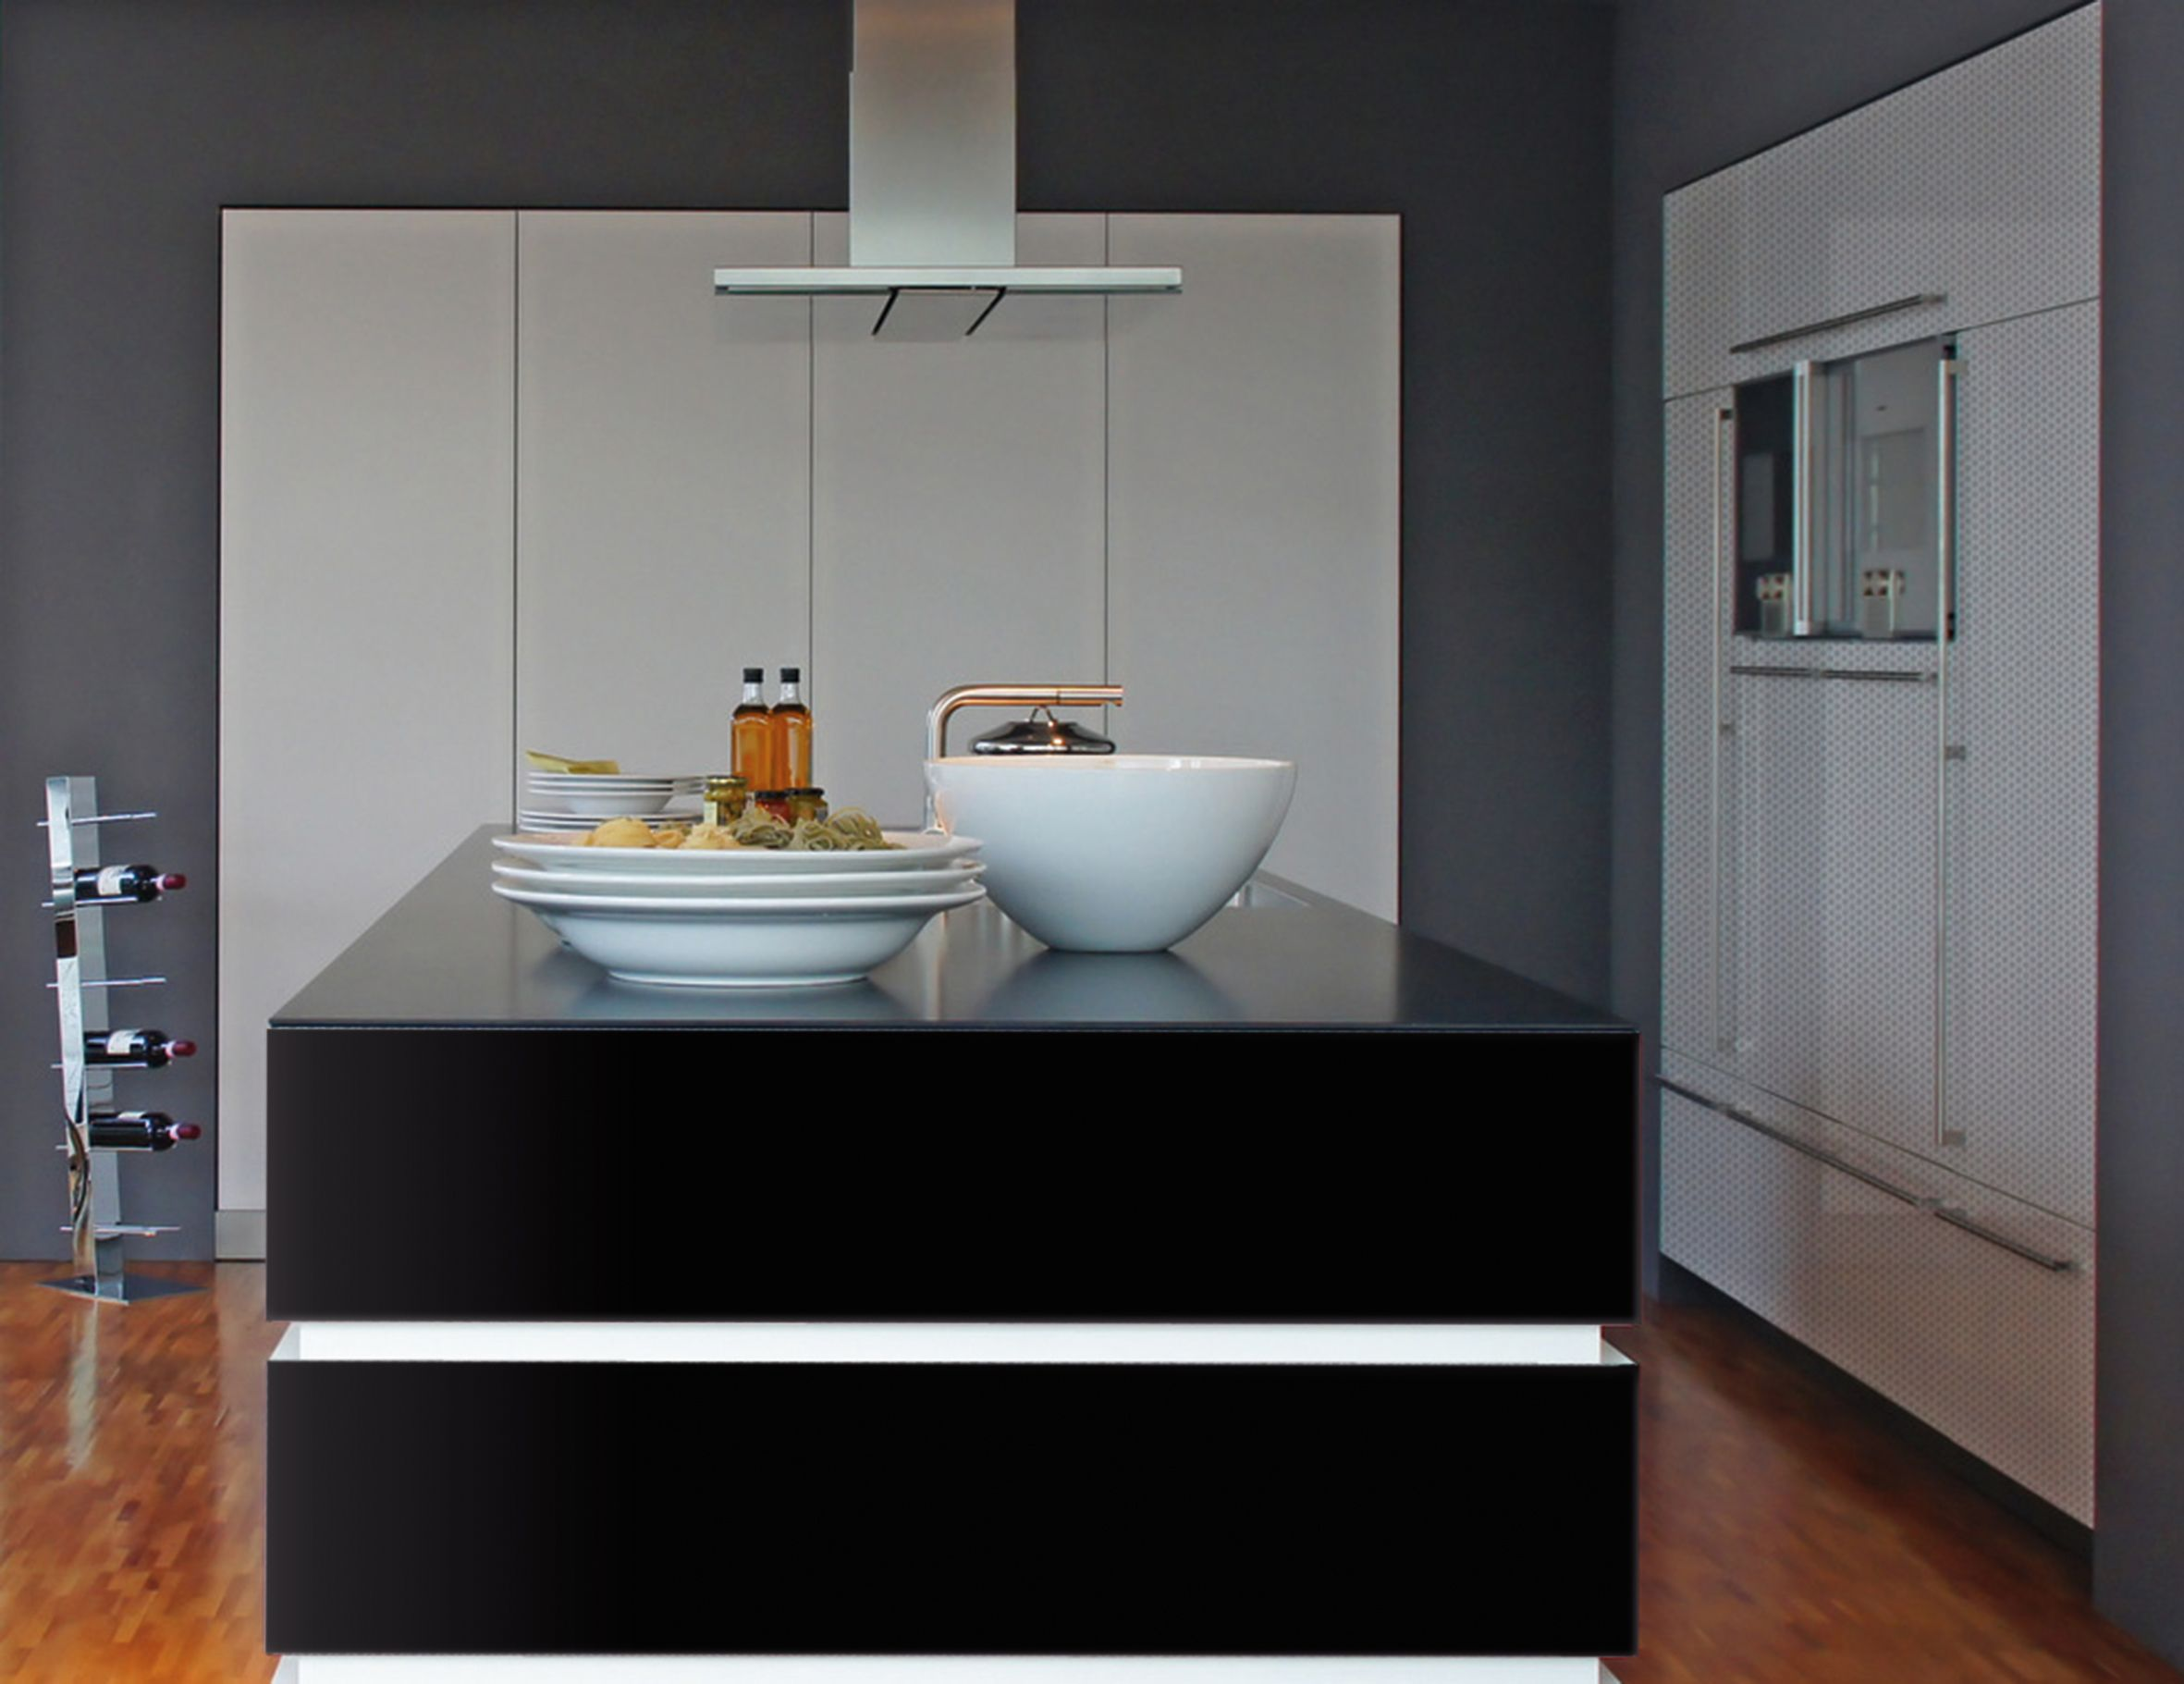 For An Ultra Sleek Modern Look, Dcfix Black Gloss Is